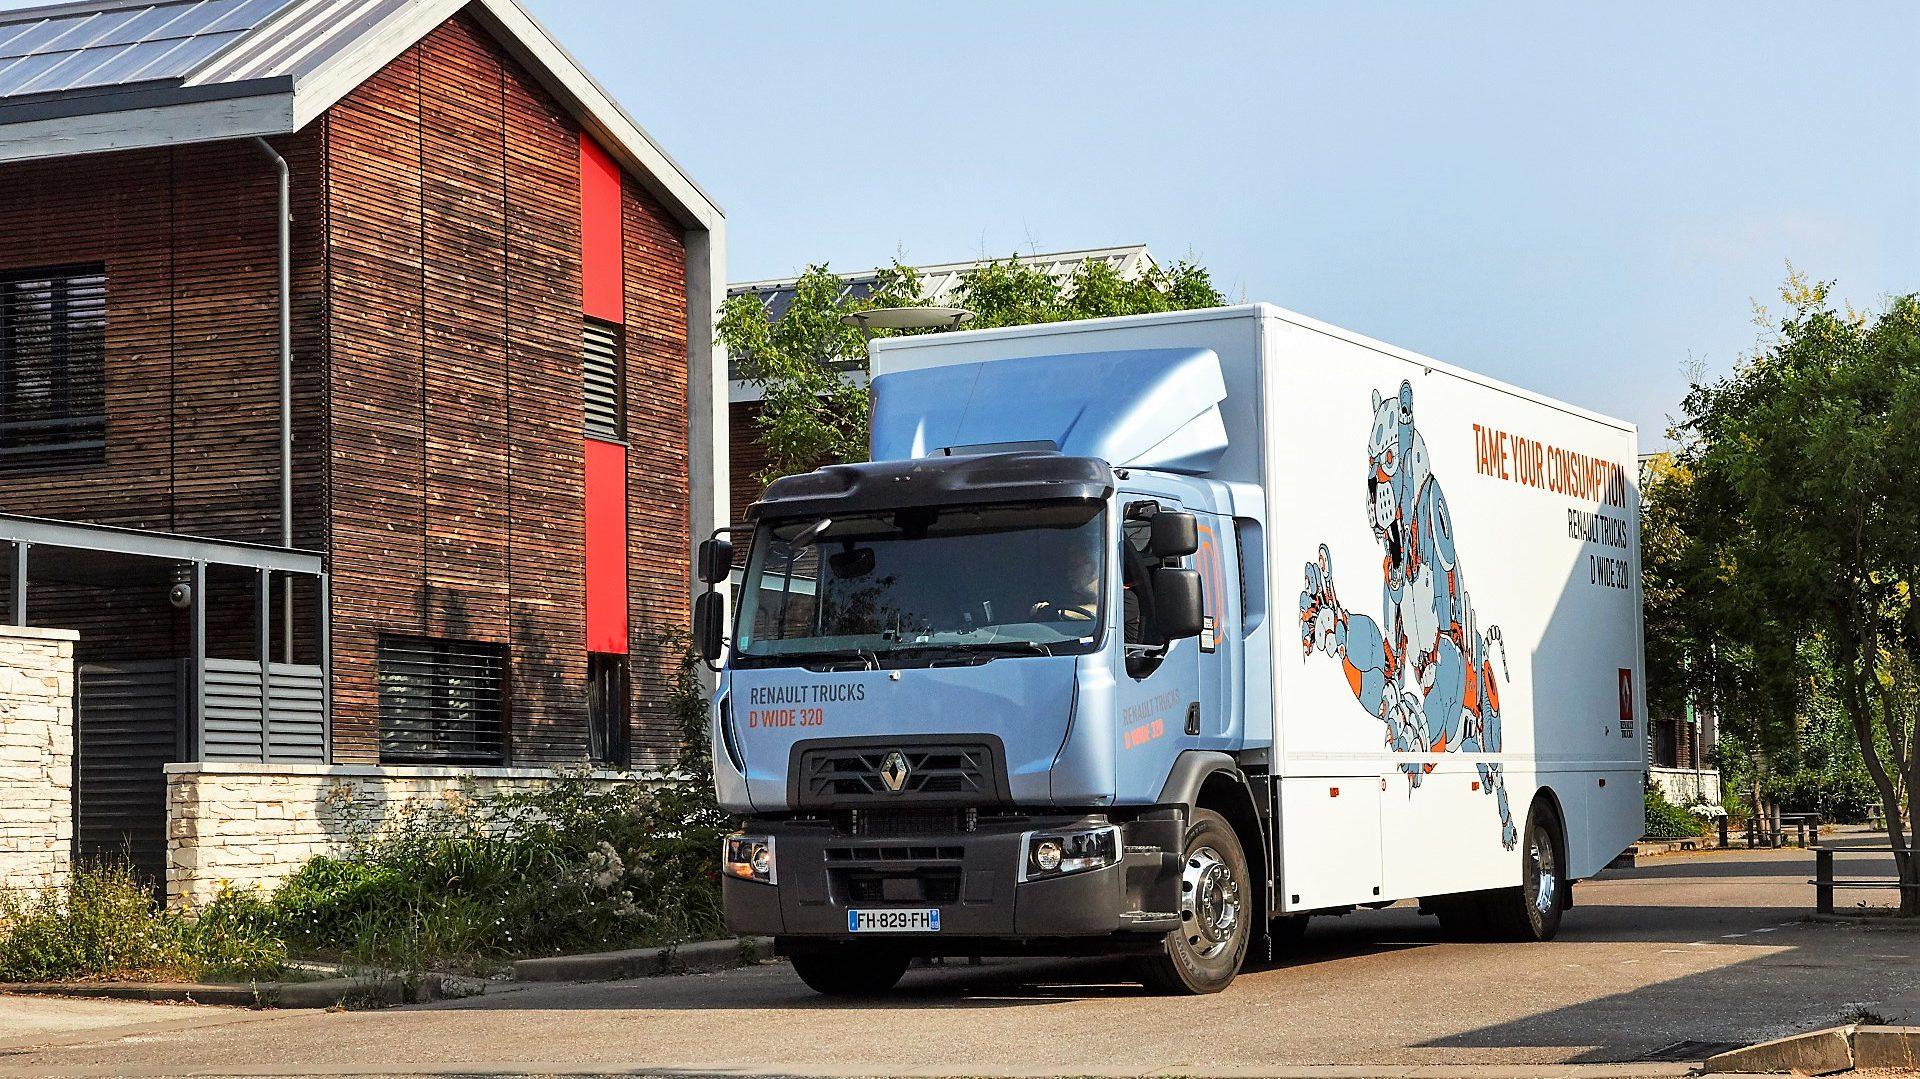 El Renault Trucks D Wide 320: Camión Sostenible del Año 2021